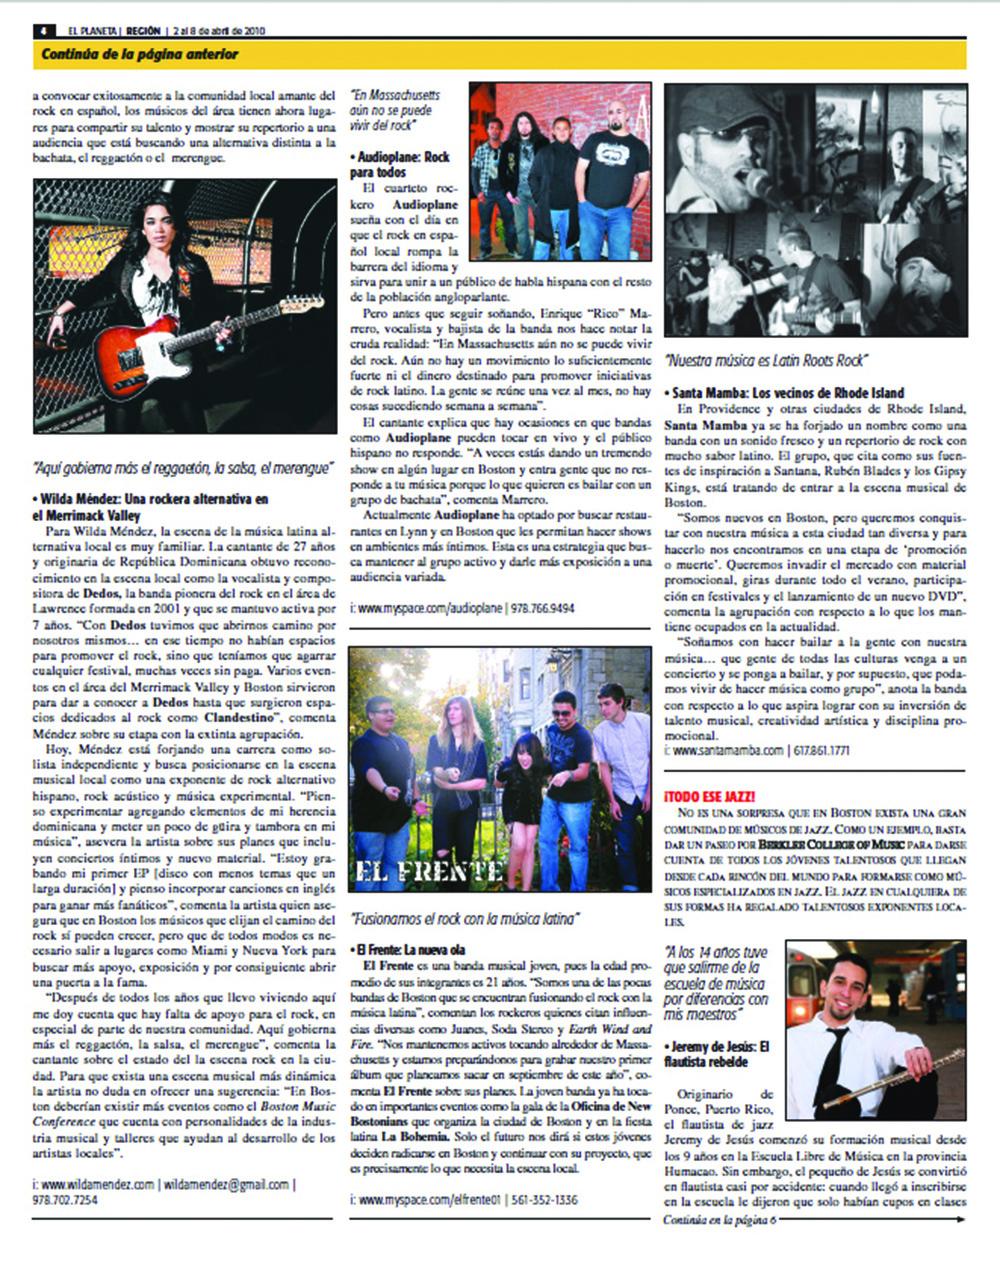 Wilda Mendez_EL PLANETA 041210 pg III.jpg